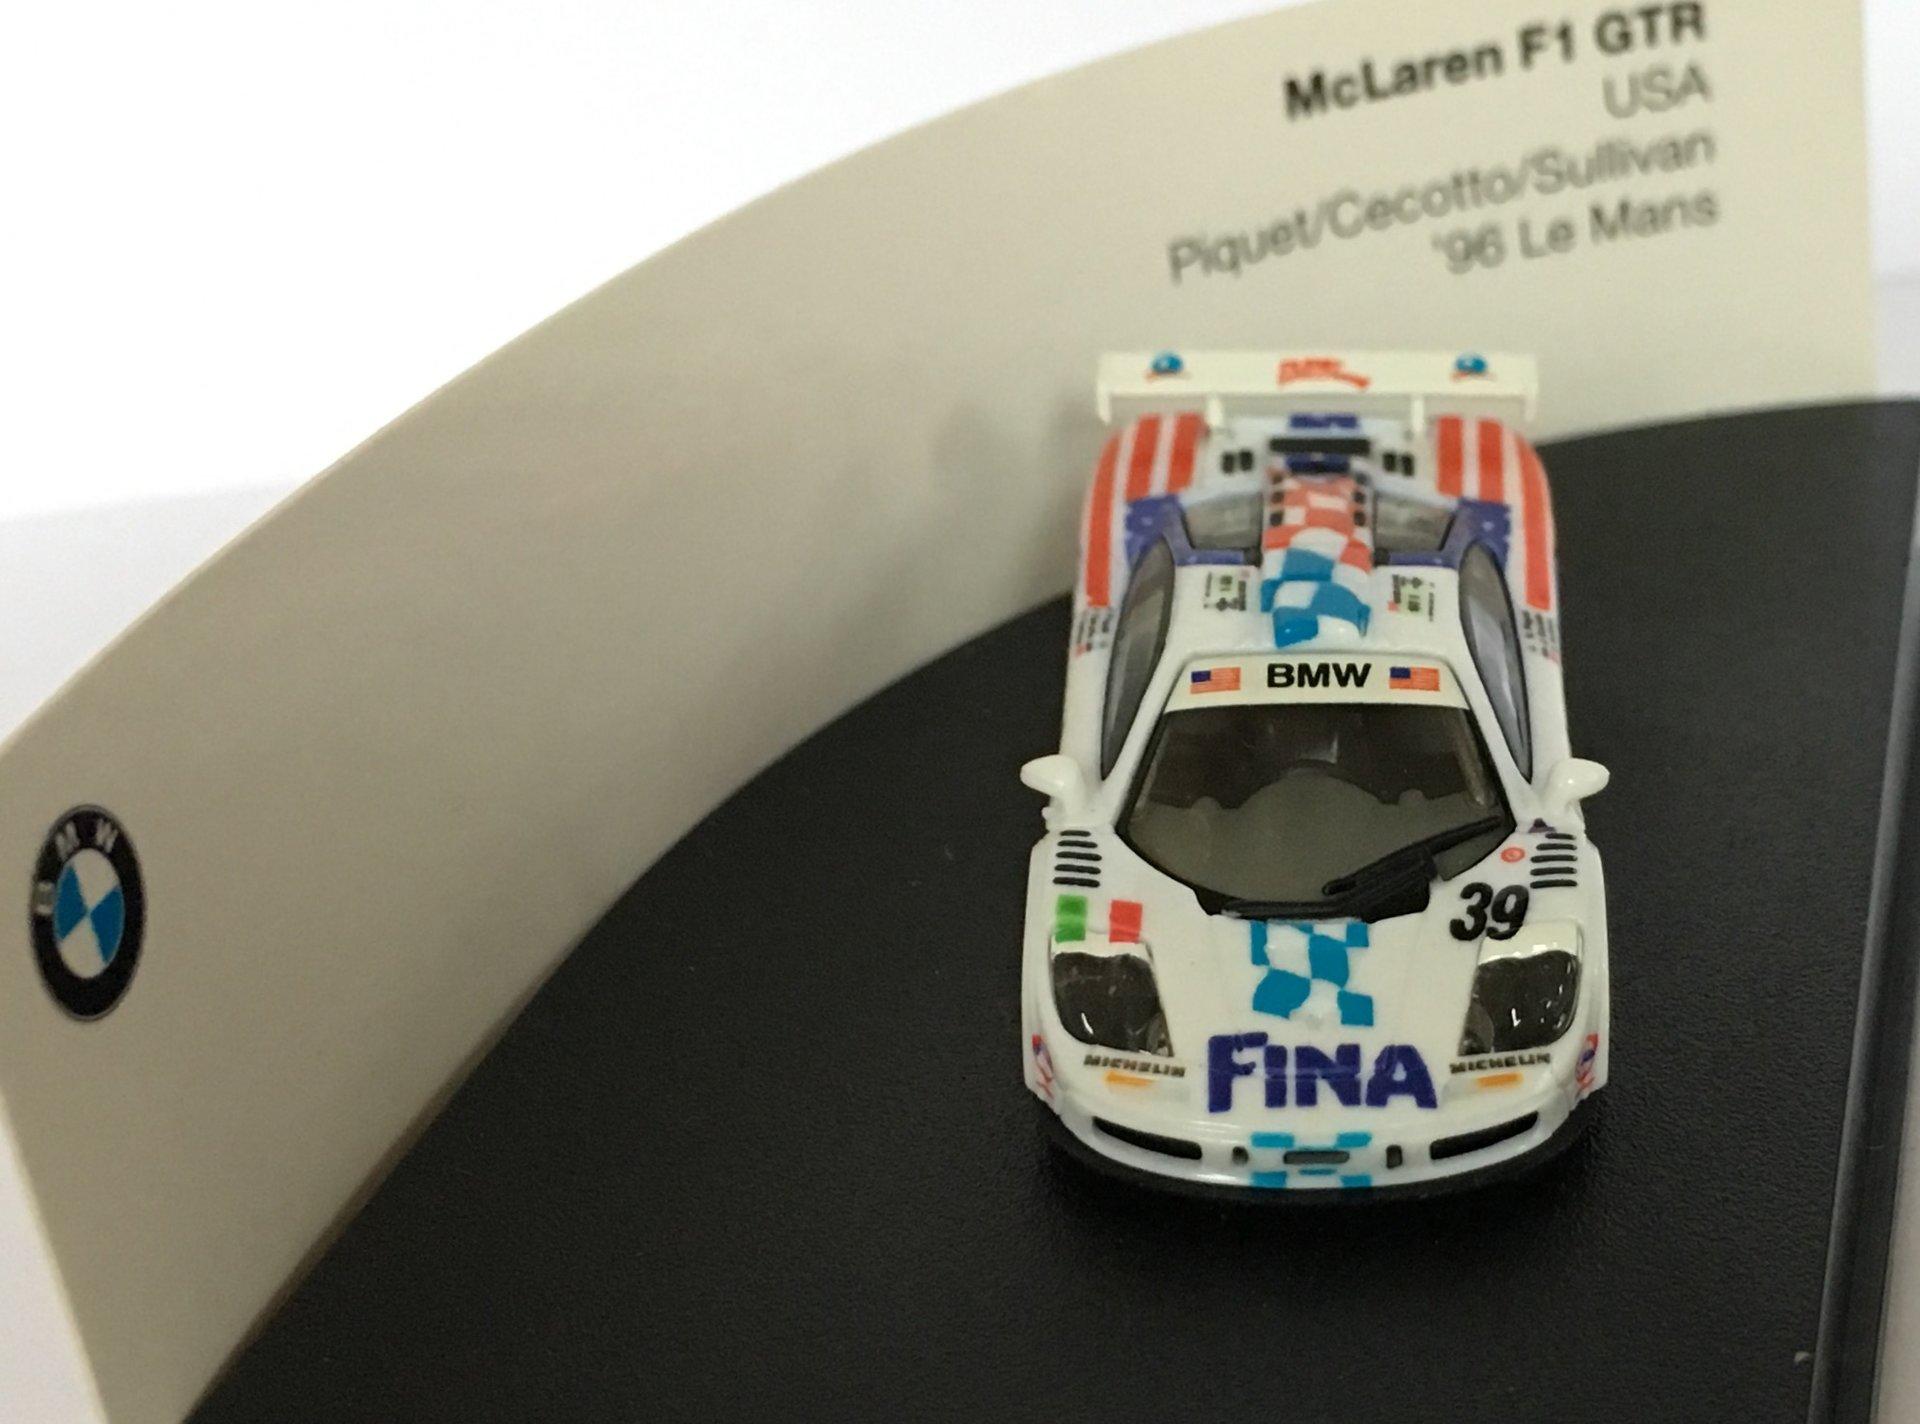 McLaren F1 GTR 004.jpg